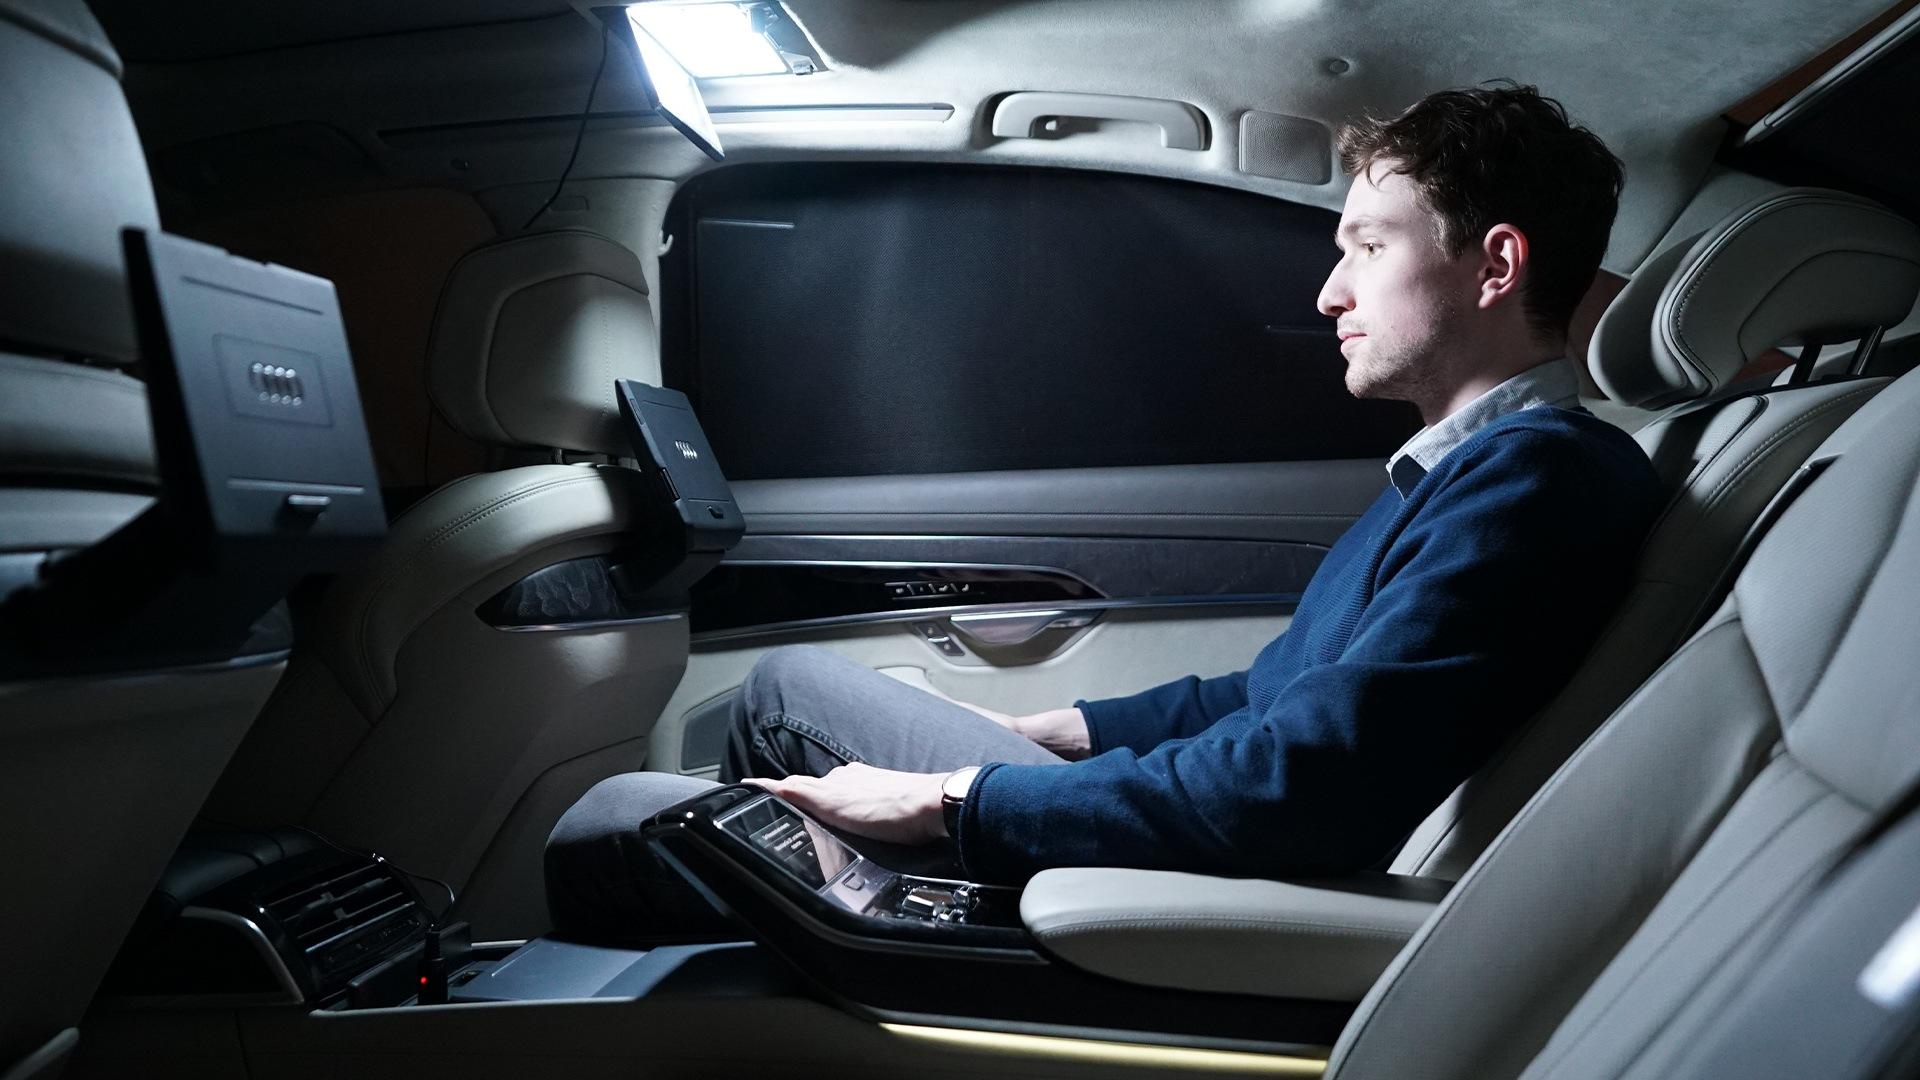 Terenska raziskava v Audiju A8: Modificirana luč ogledala v senčniku je omogočila želene svetlobne pogoje.